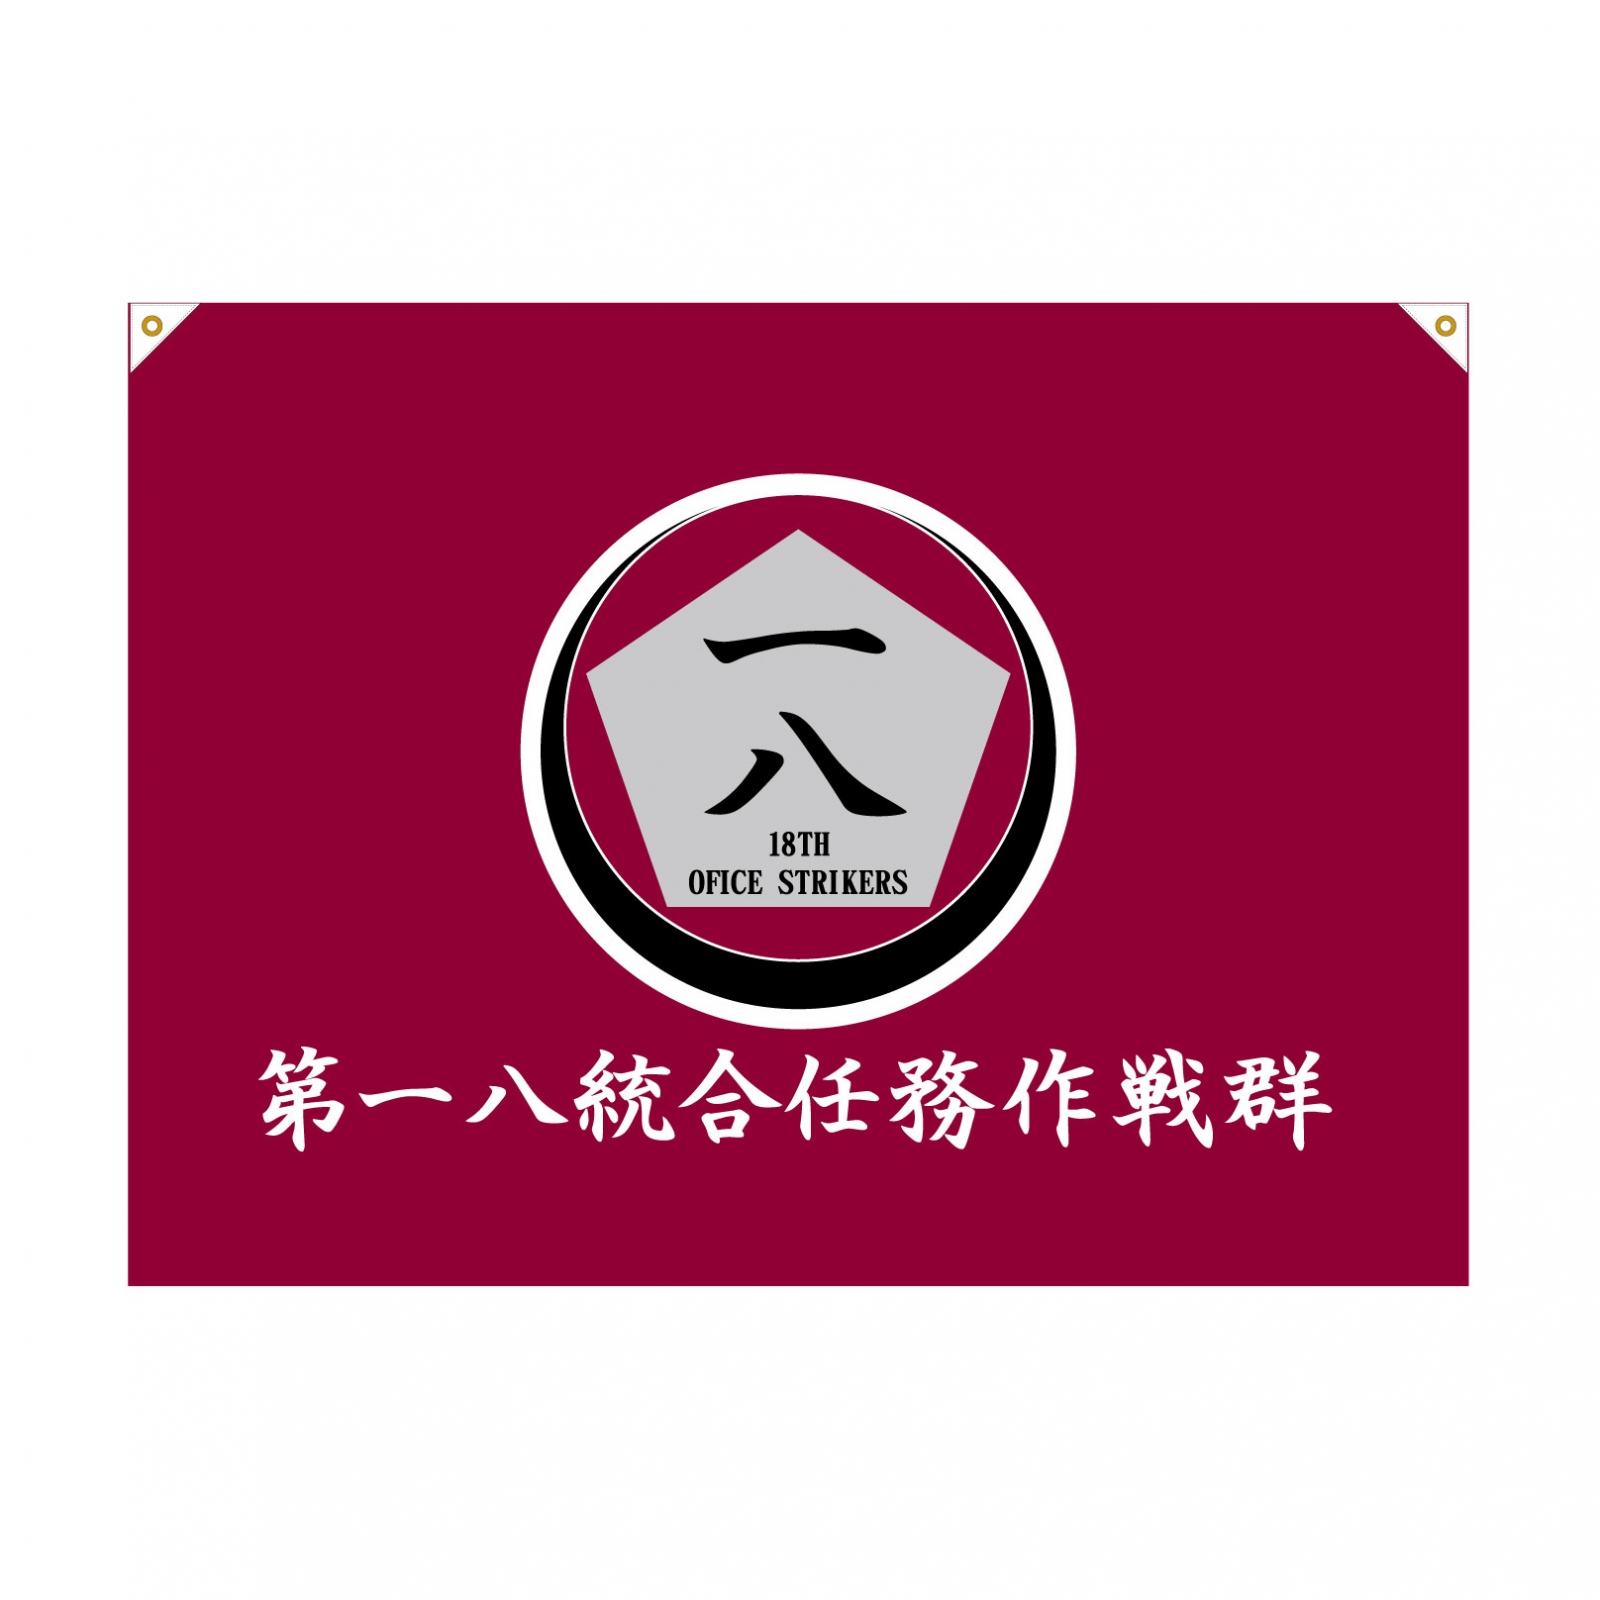 サバイバルゲーム用の団旗